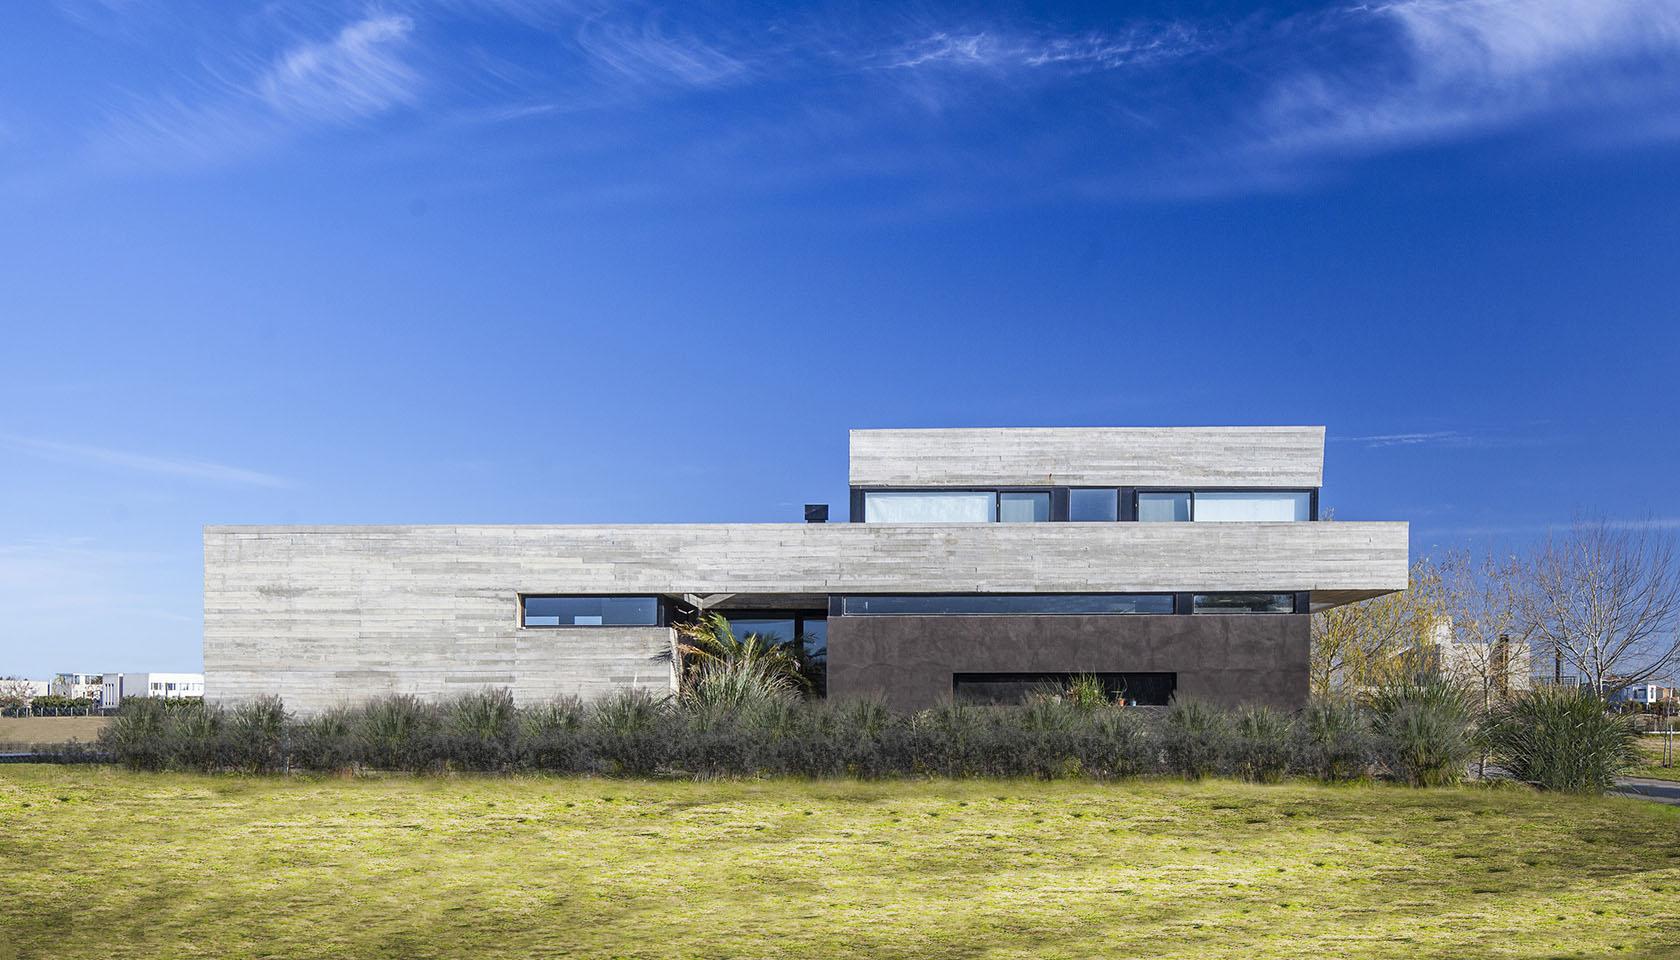 casas con fachada de hormigón a la vista, plegados arquitectónicos, casas con patios internos